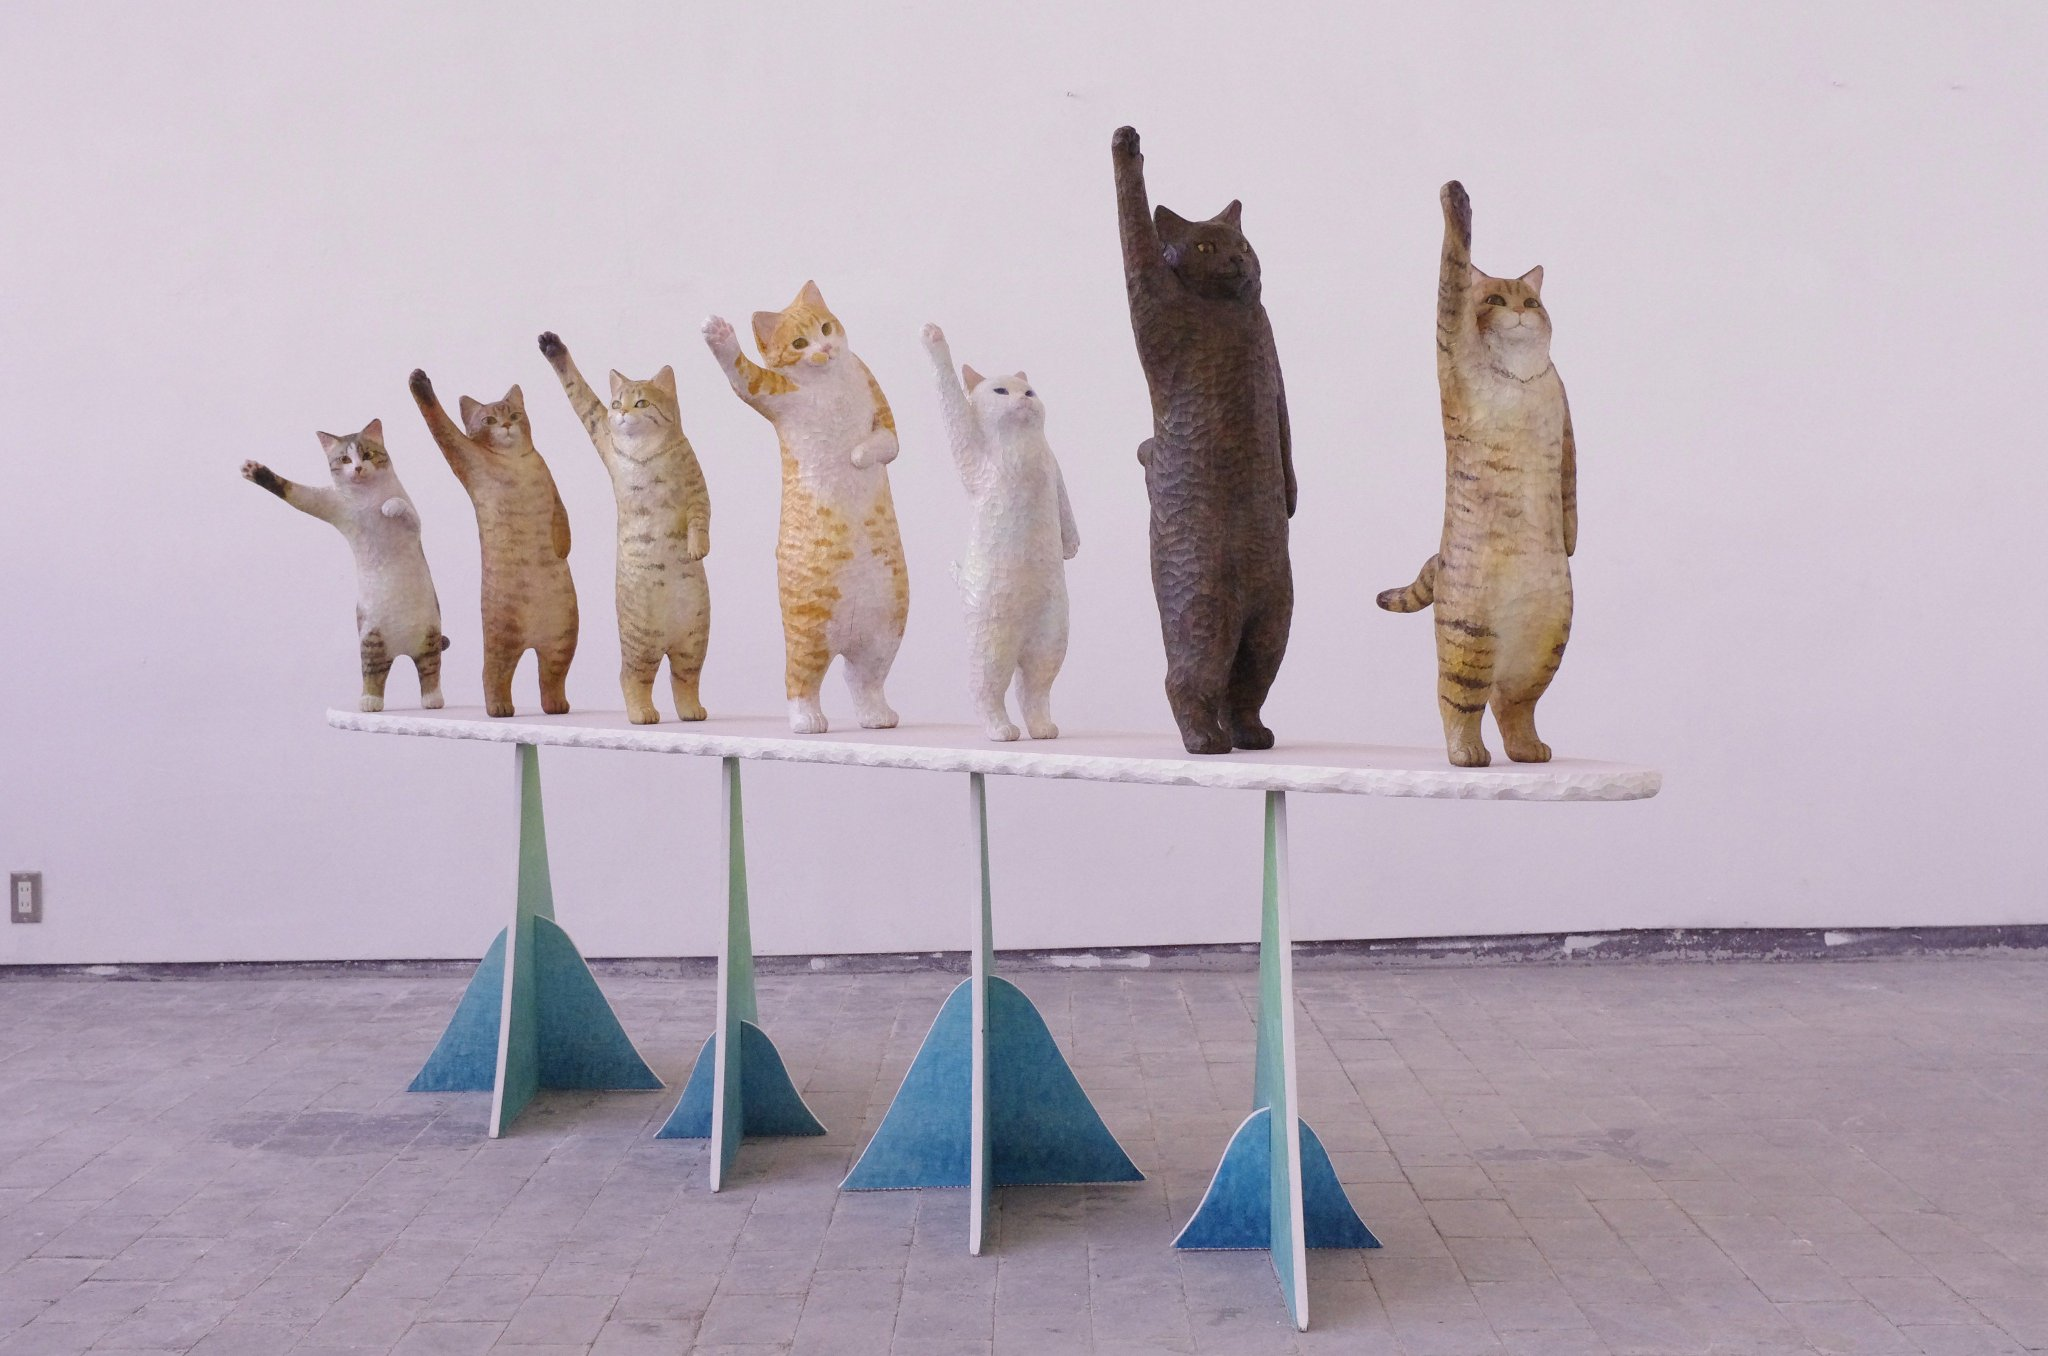 見て楽しむだけじゃなく、面白い体験ができる装置をつくりたい!大学院の修了制作の「high-seven」は、実際に猫とハイタッチできる作品でした。またこういうのつくりたい。